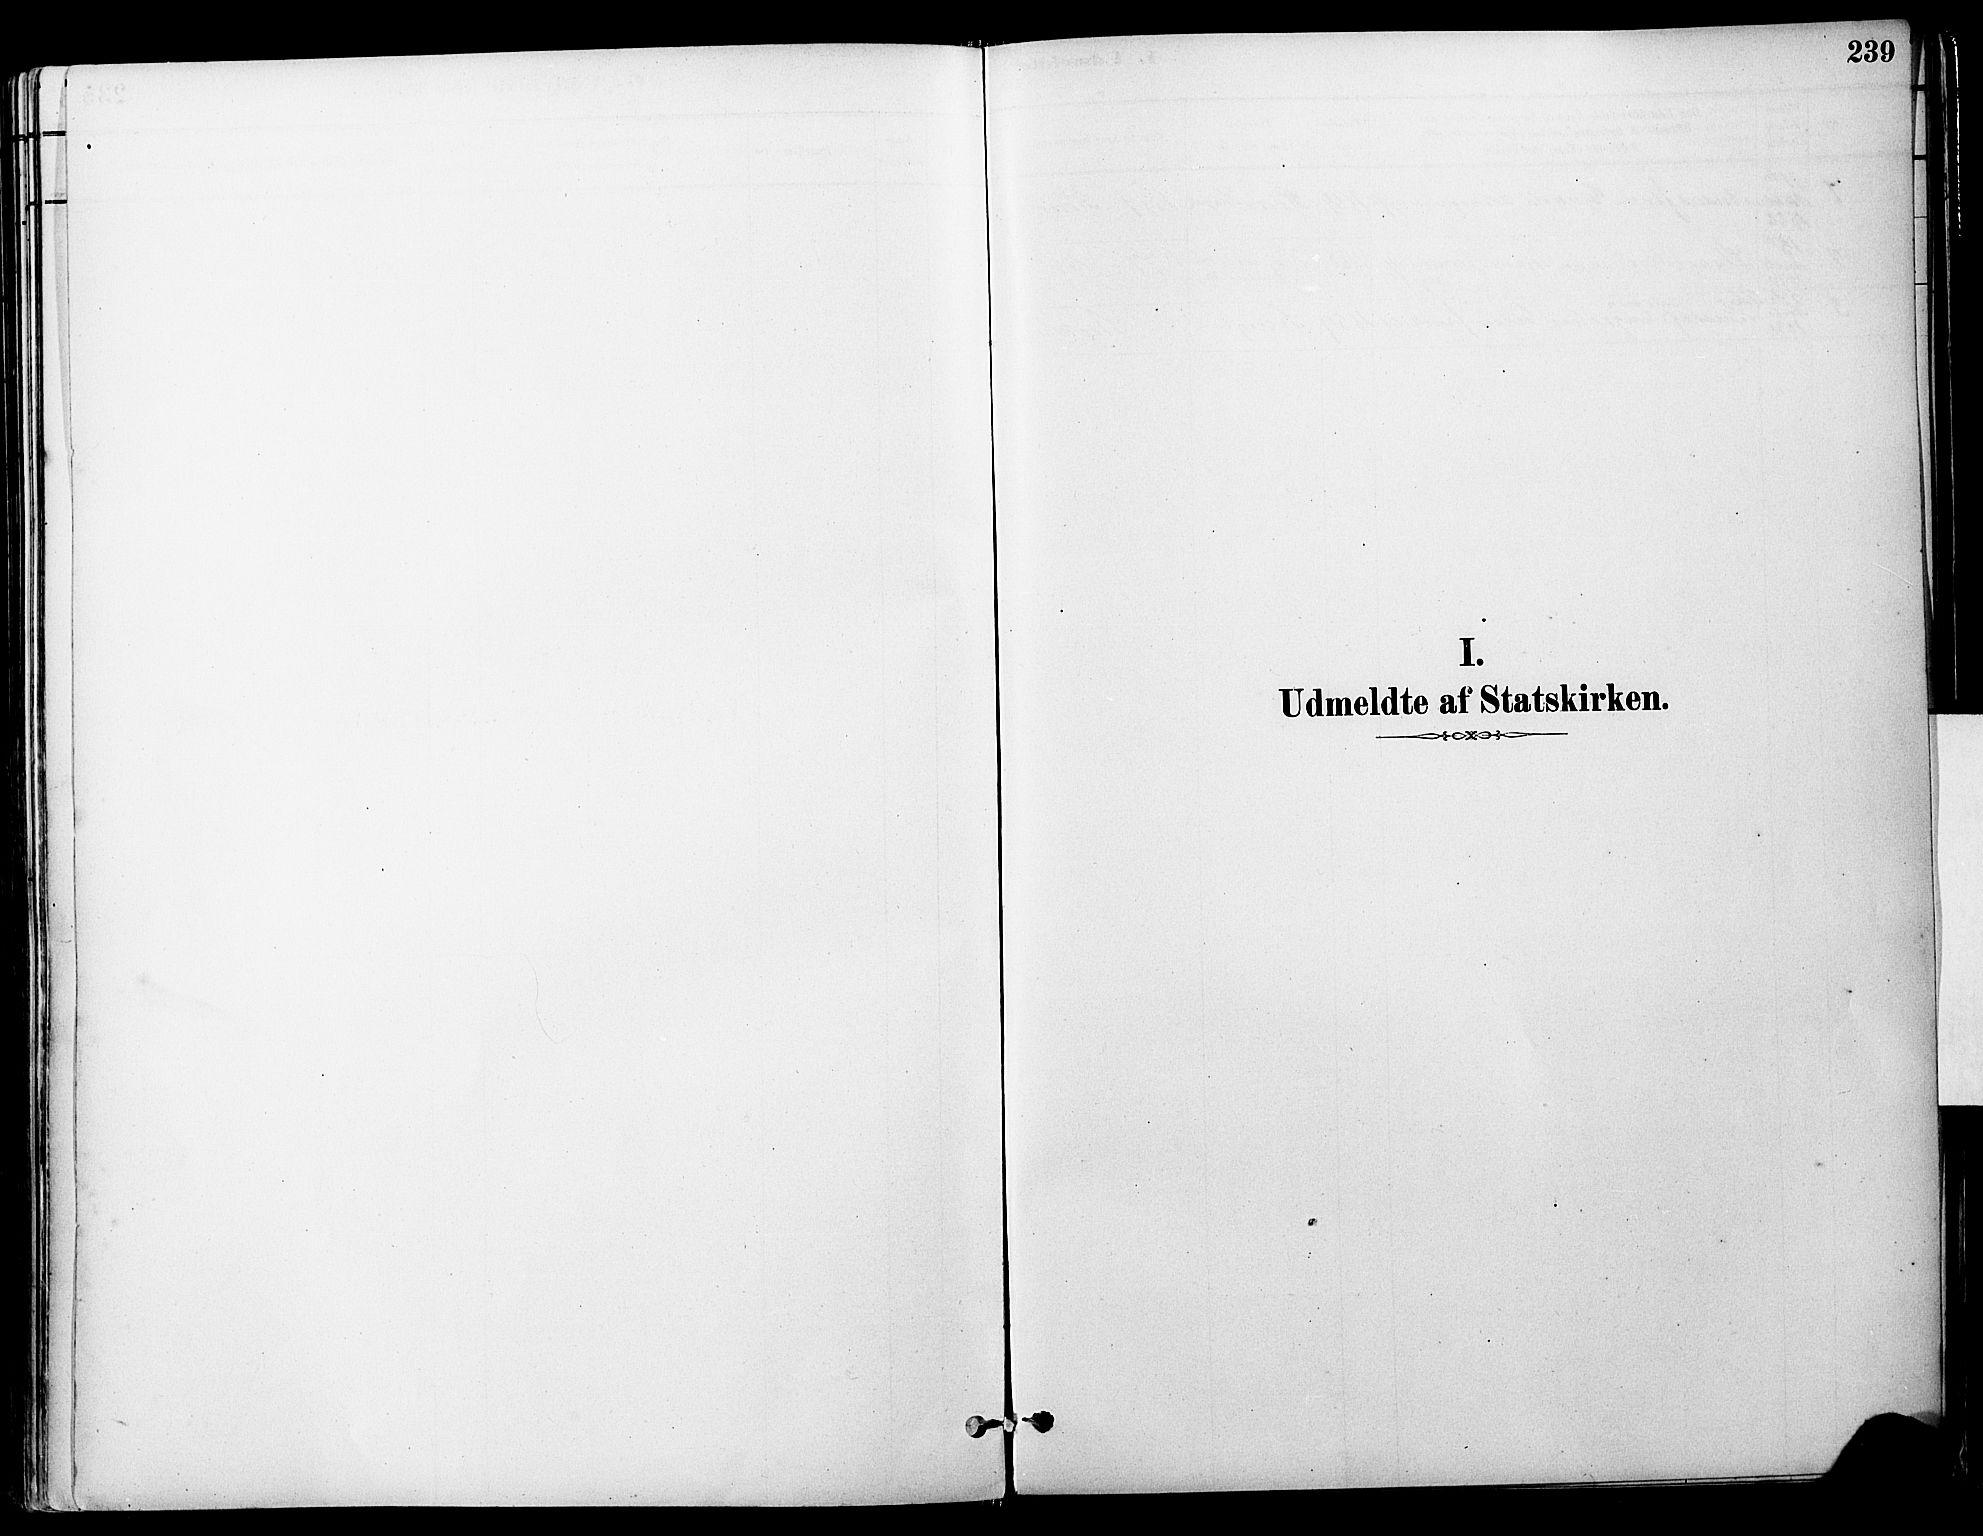 SAT, Ministerialprotokoller, klokkerbøker og fødselsregistre - Sør-Trøndelag, 681/L0933: Ministerialbok nr. 681A11, 1879-1890, s. 239